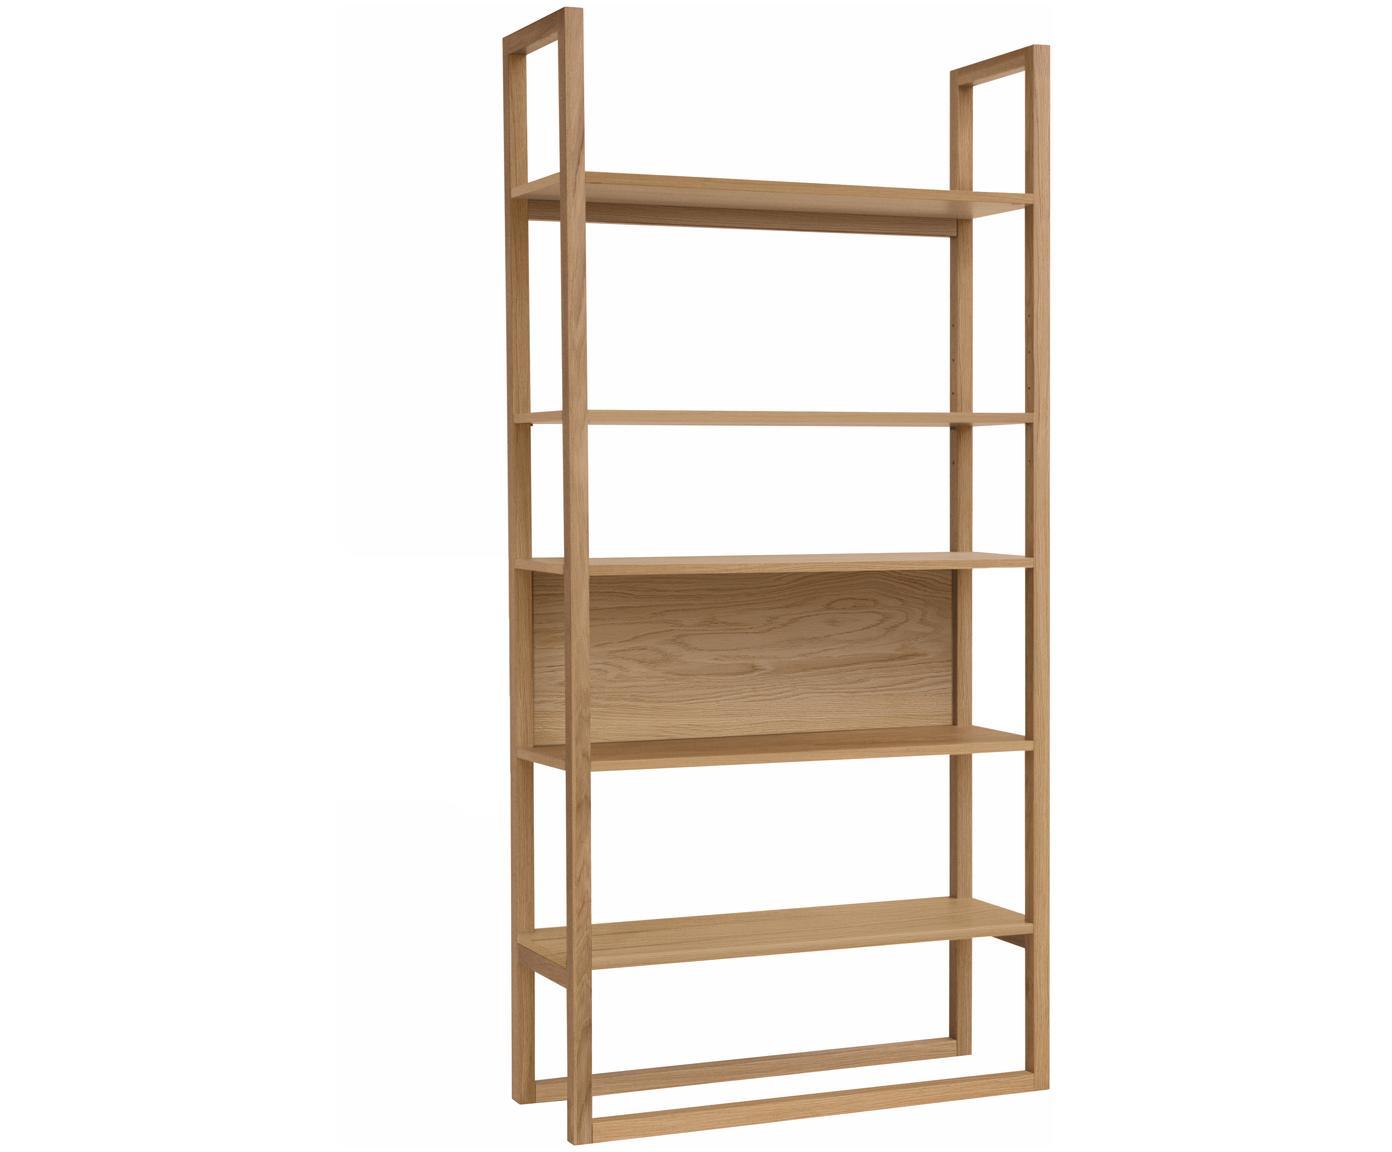 Libreria in legno di quercia NewEst, Ripiani: truciolato rovere impiall, Legno di quercia, Larg. 90 x Alt. 185 cm